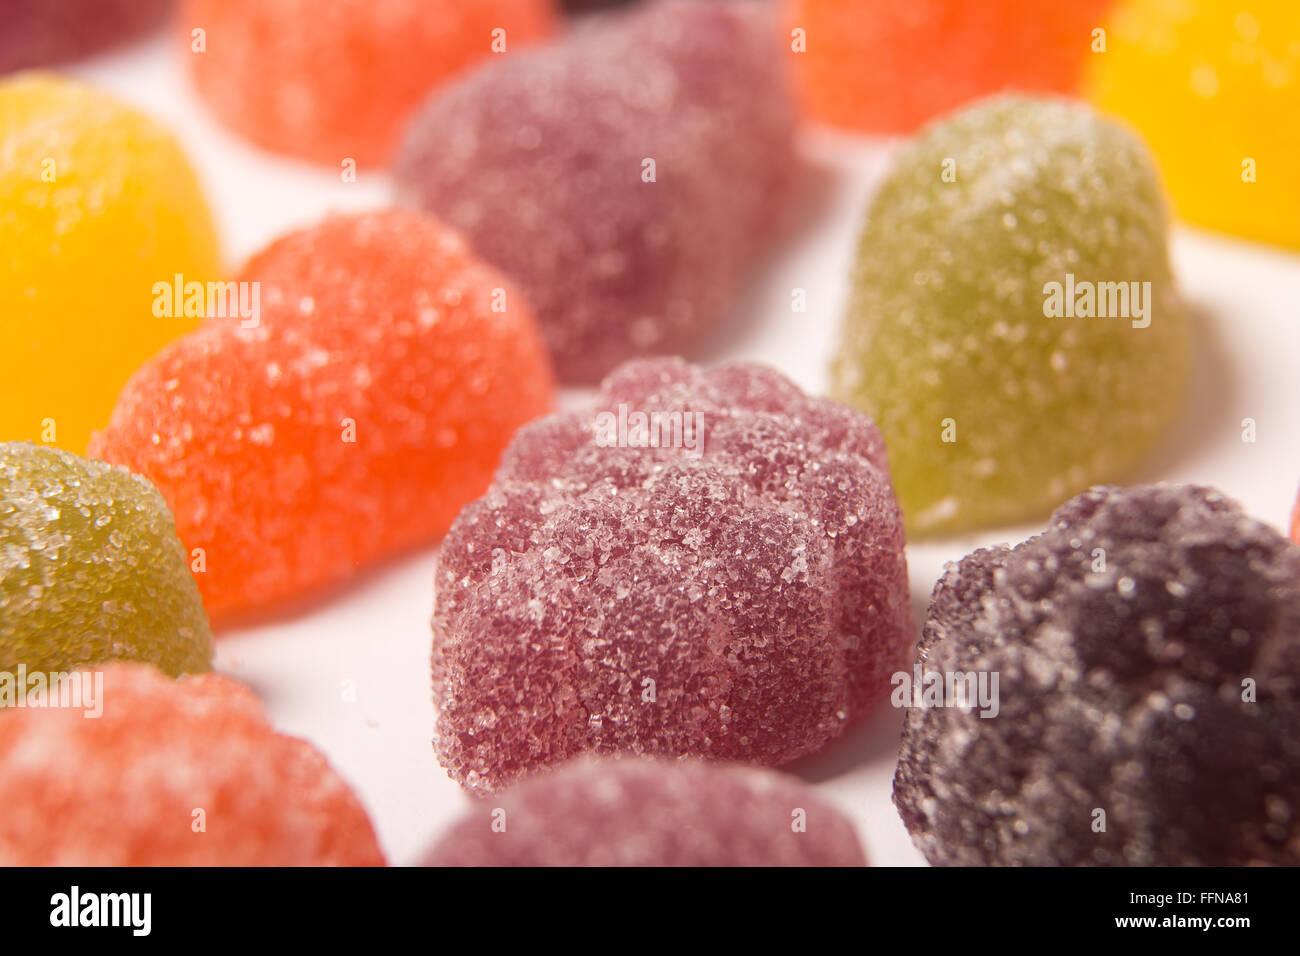 Les pastilles aux fruits fruit pastels Banque D'Images